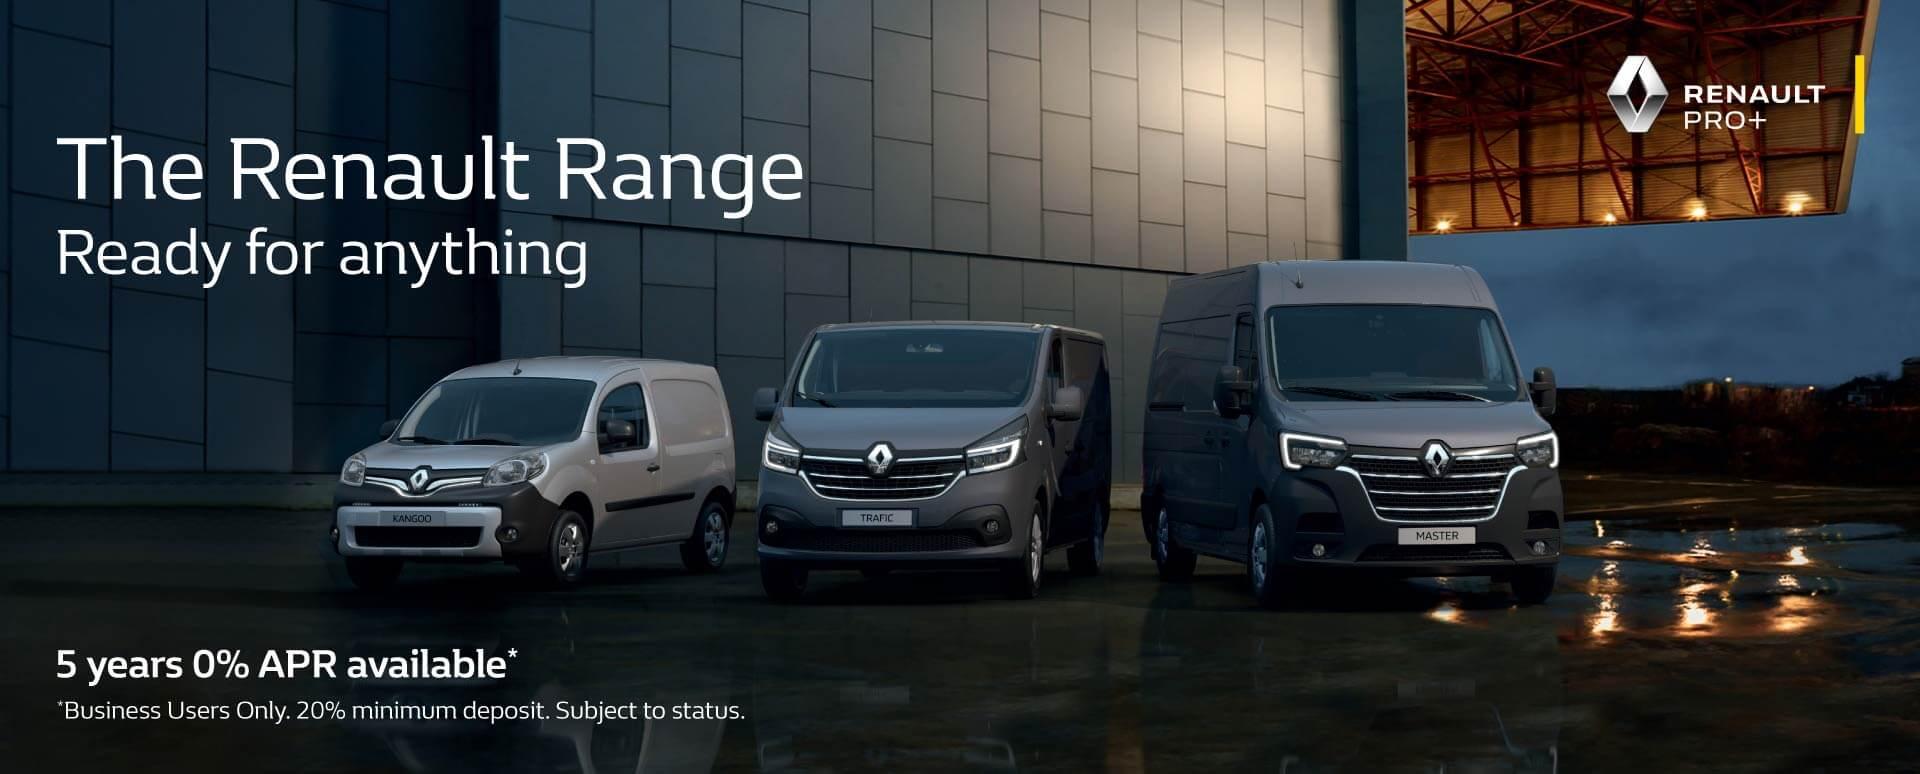 Renault Van Range - 0% APR Finance